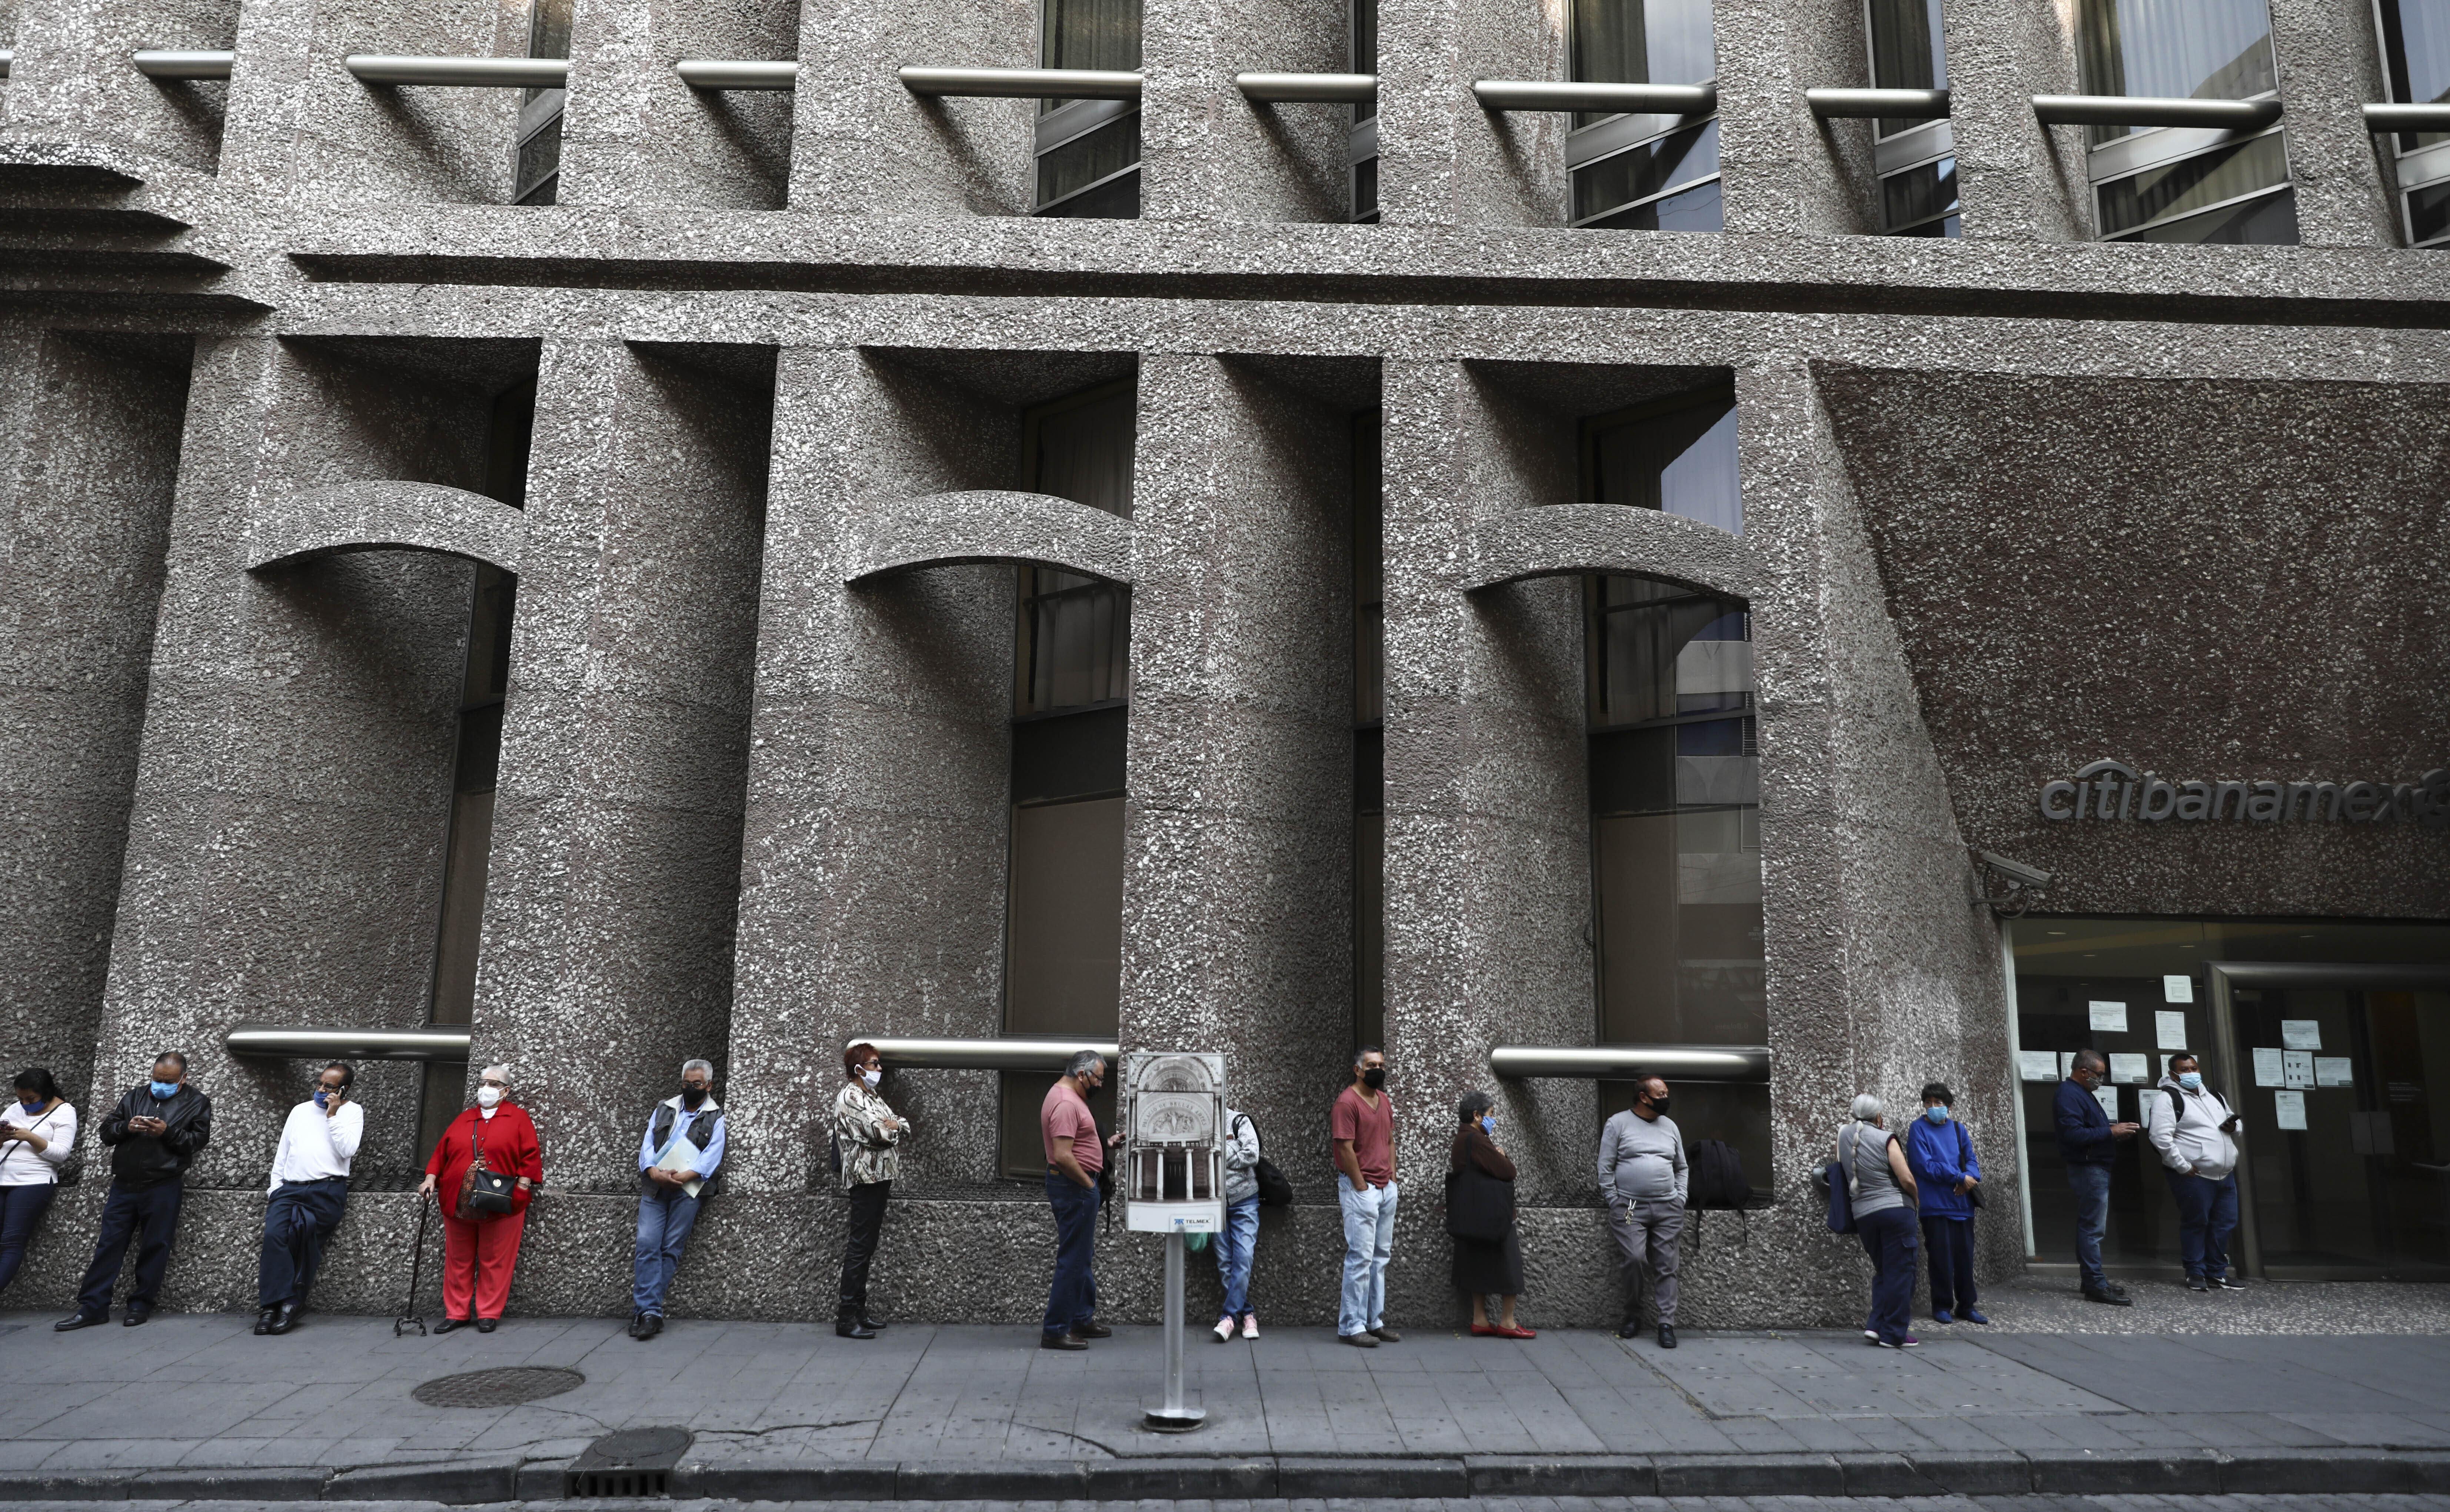 Los clientes del banco mantienen su distancia para ayudar a frenar la propagación del nuevo coronavirus, mientras hacen cola frente a un banco en la Ciudad de México, el lunes 29 de junio de 2020. (Foto: AP / Eduardo Verdugo)